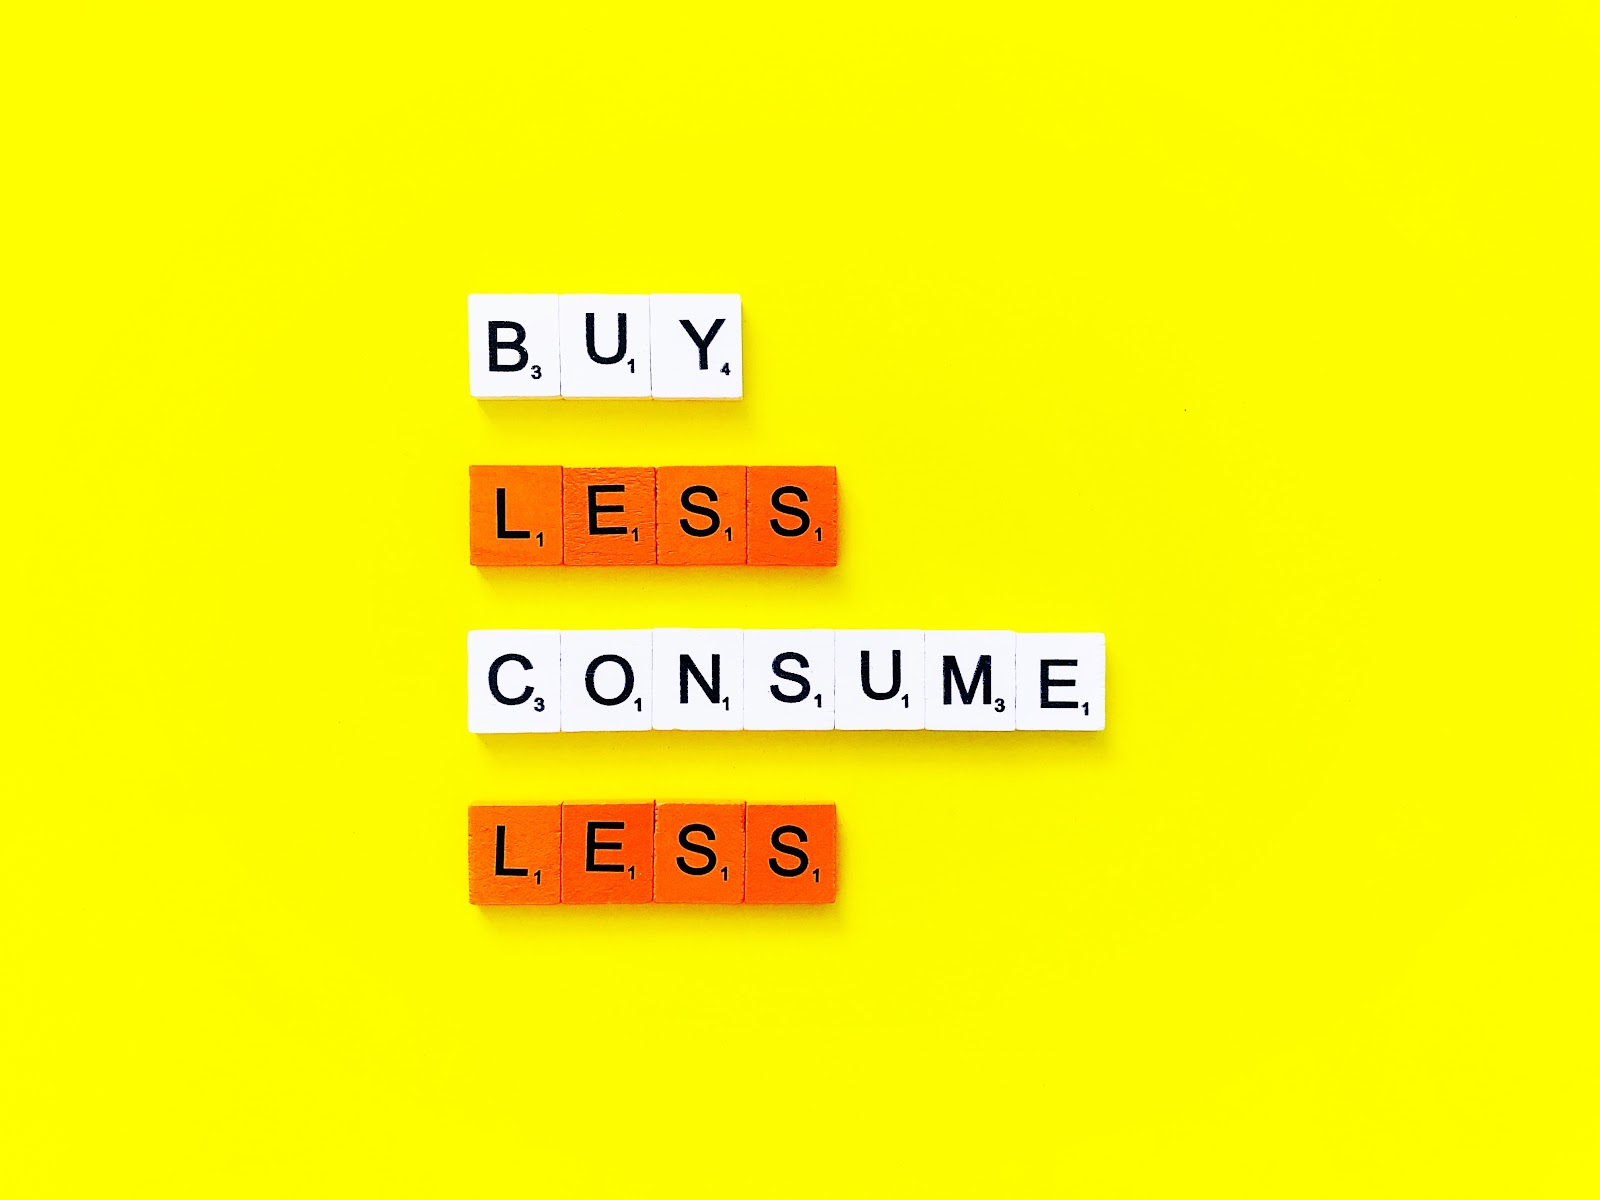 Compra meno, usa di più